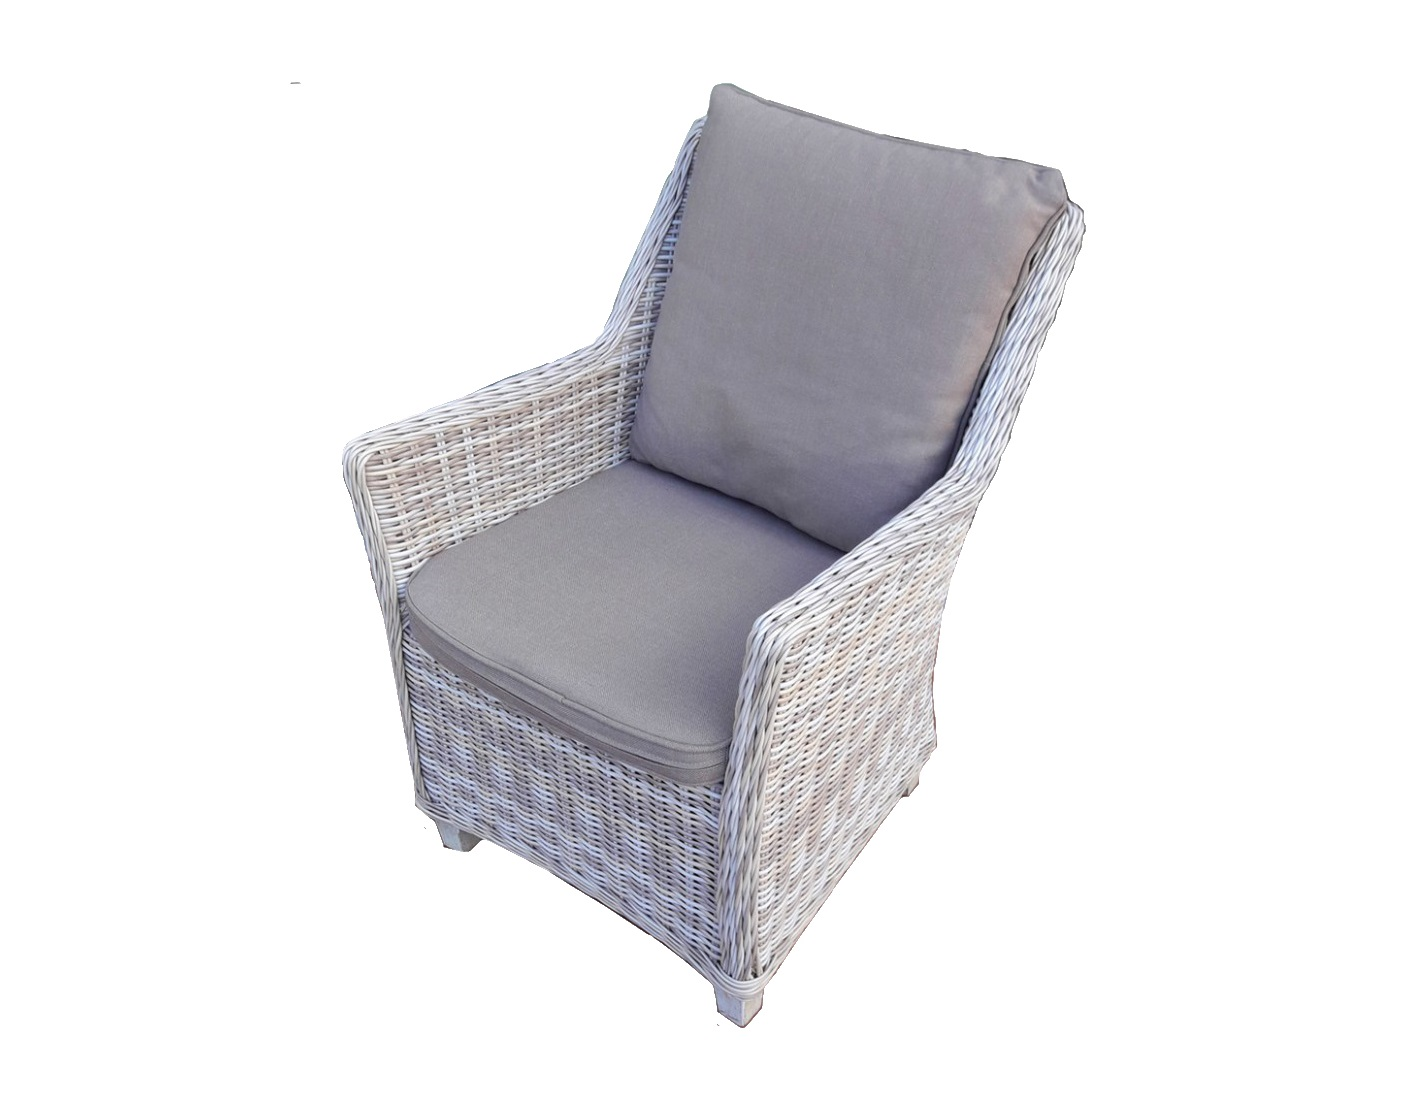 Кресло ТОСКАНАКресла для сада<br>&amp;lt;div&amp;gt;В комплекте мебели из ротанга ТОСКАНА каркас кресел изготавливается из алюминия. Этот металл очень легкий и совершенно не боится коррозии. Благодаря каркасу, изготовленному из алюминия, комплект мебели&amp;amp;nbsp;&amp;lt;span&amp;gt;ТОСКАНА&amp;amp;nbsp;&amp;lt;/span&amp;gt;&amp;lt;span&amp;gt;выдерживает большой вес, при этом отличаясь легкостью и высокой прочностью. Покрытие кресел - искусственное пластиковое плетение, имитирующее ротанг.&amp;lt;/span&amp;gt;&amp;lt;/div&amp;gt;&amp;lt;div&amp;gt;&amp;lt;br&amp;gt;&amp;lt;/div&amp;gt;<br><br>Material: Ротанг<br>Width см: 62<br>Depth см: 71<br>Height см: 90,5